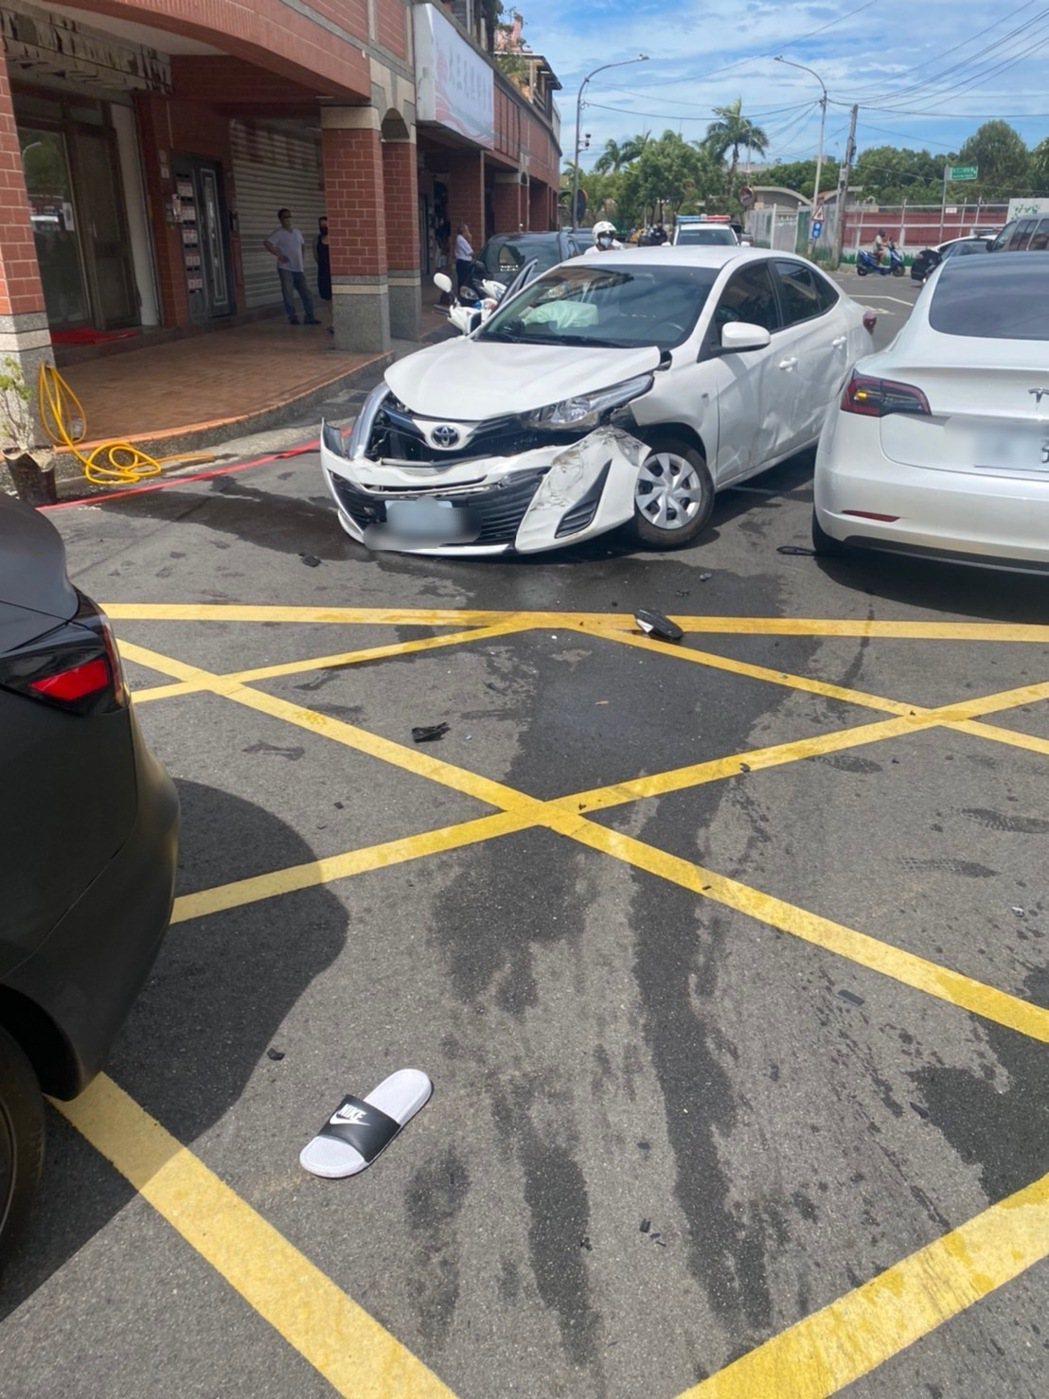 黃男等人駕駛租來的Toyota,因小擦撞竟企圖押走林姓男子,白色特斯拉為救援撞爛...